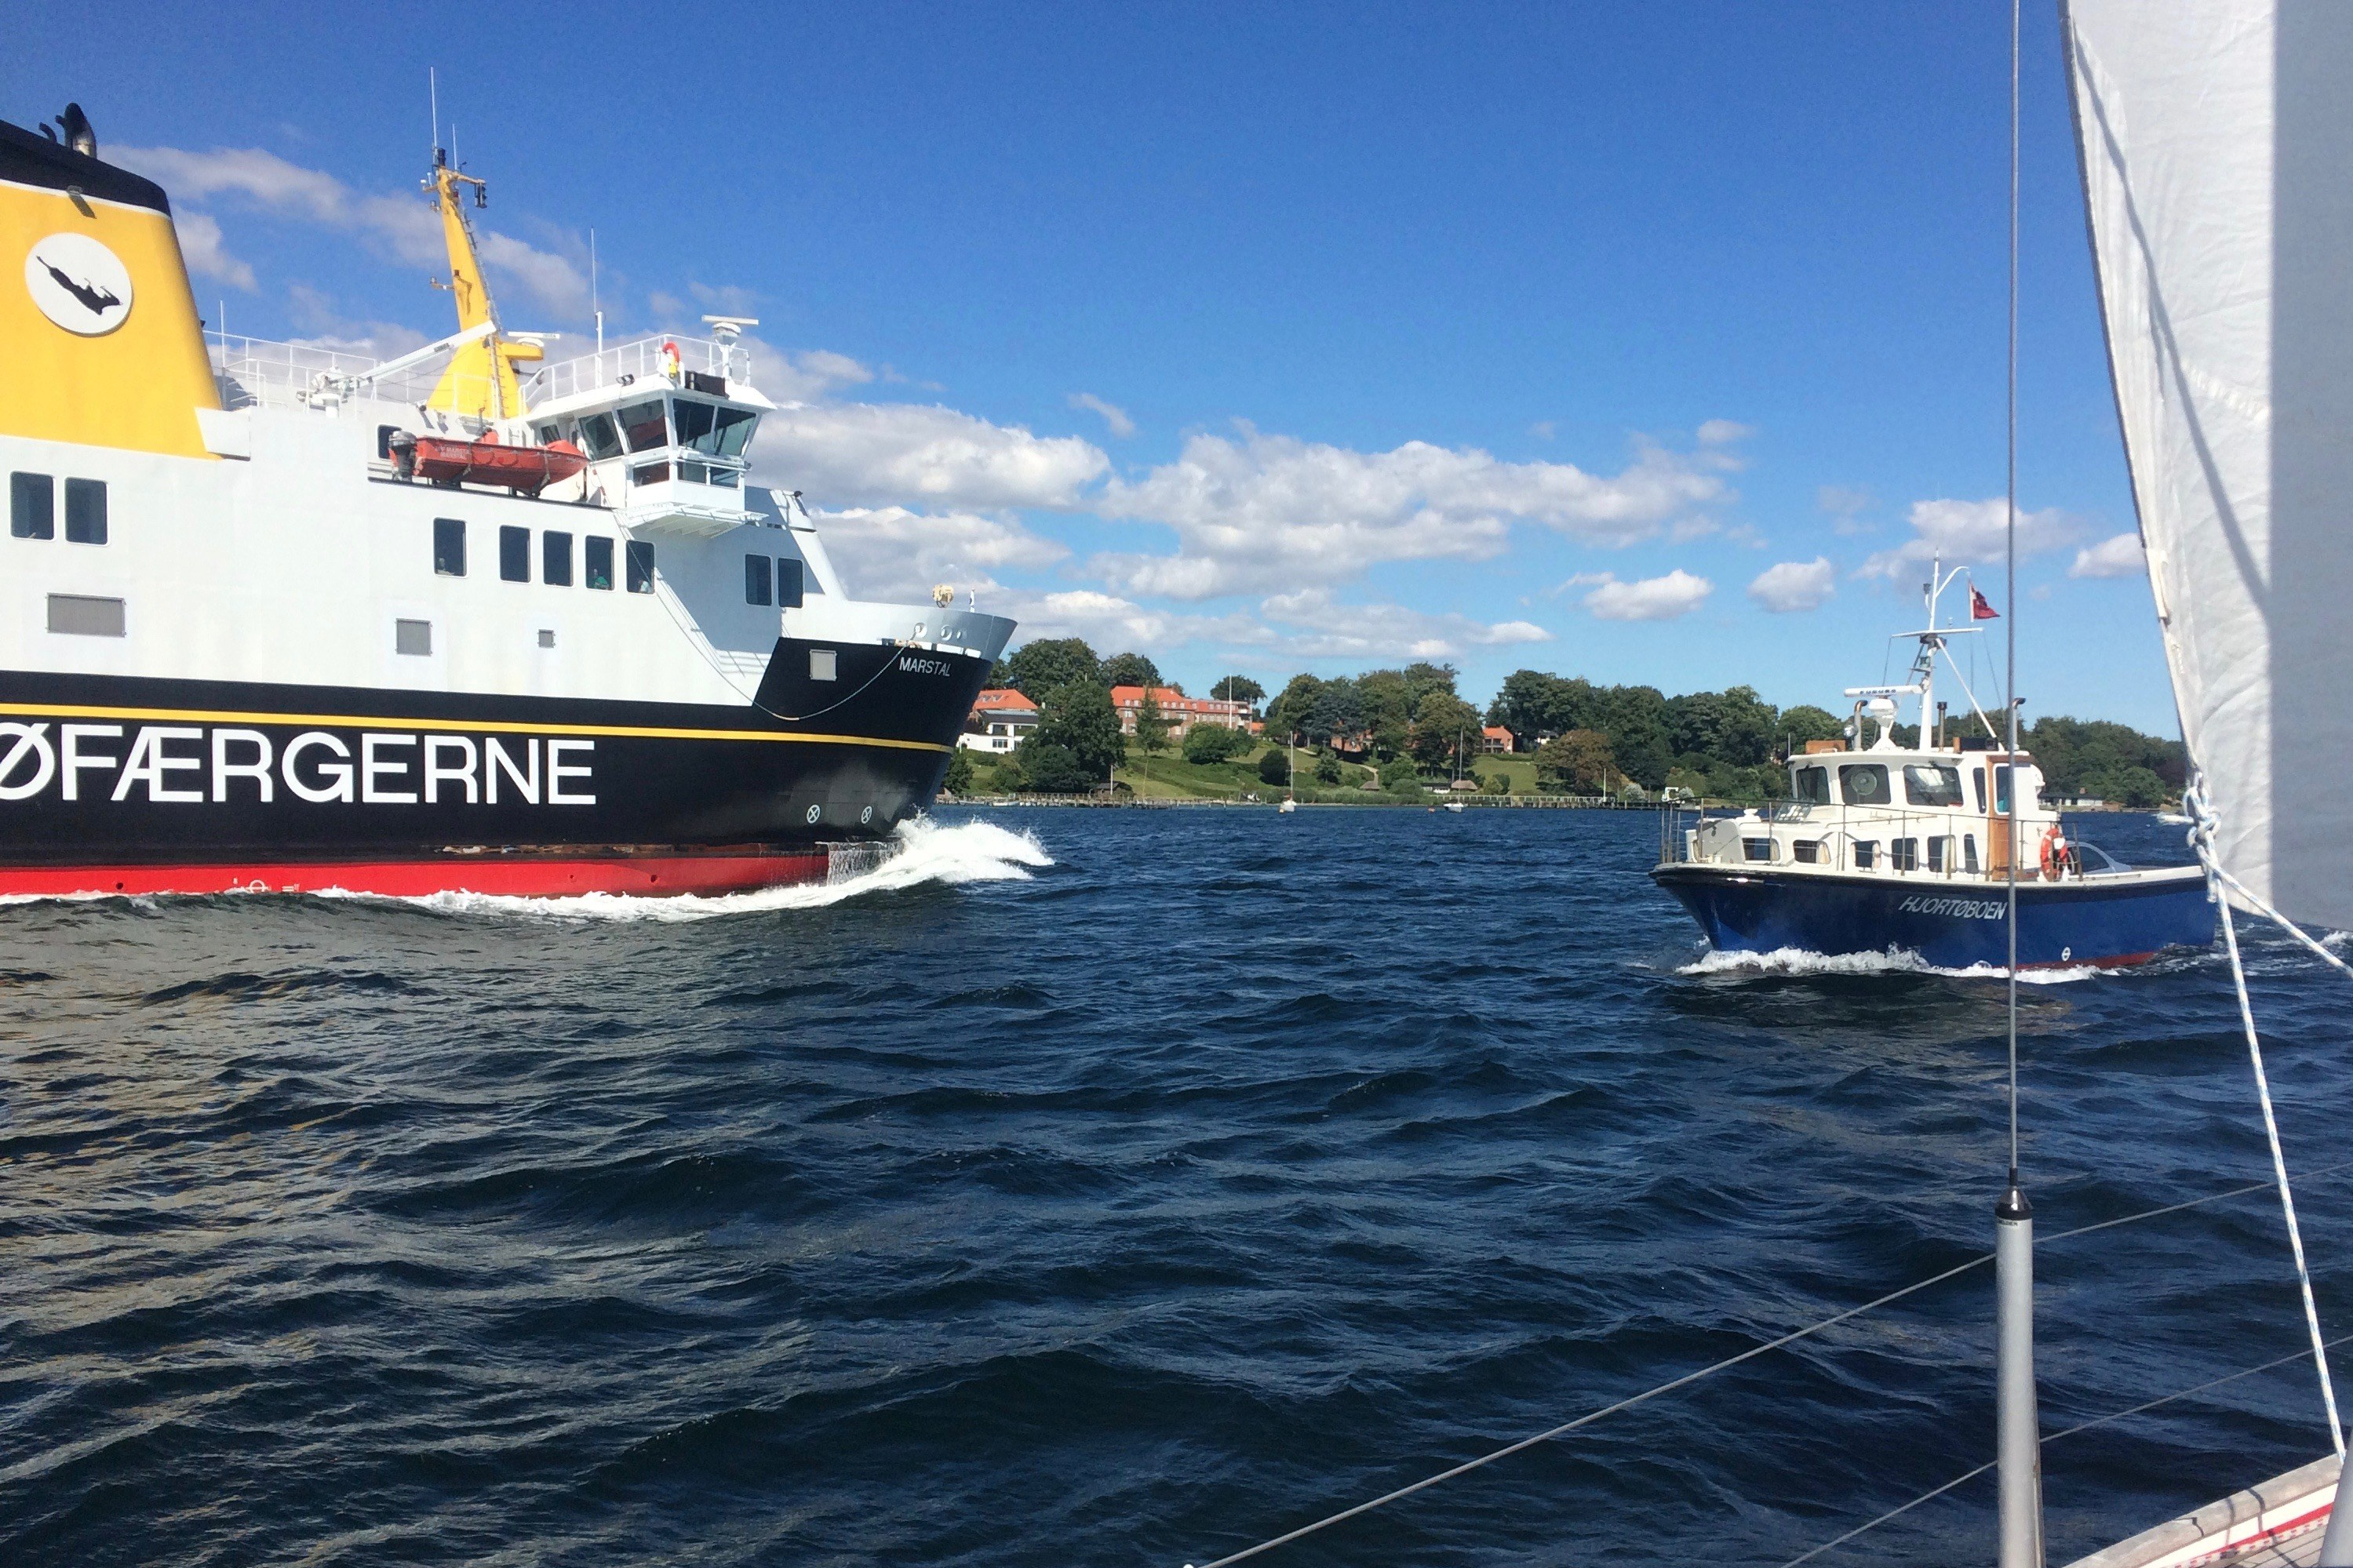 Insel Berufsschifffahrt